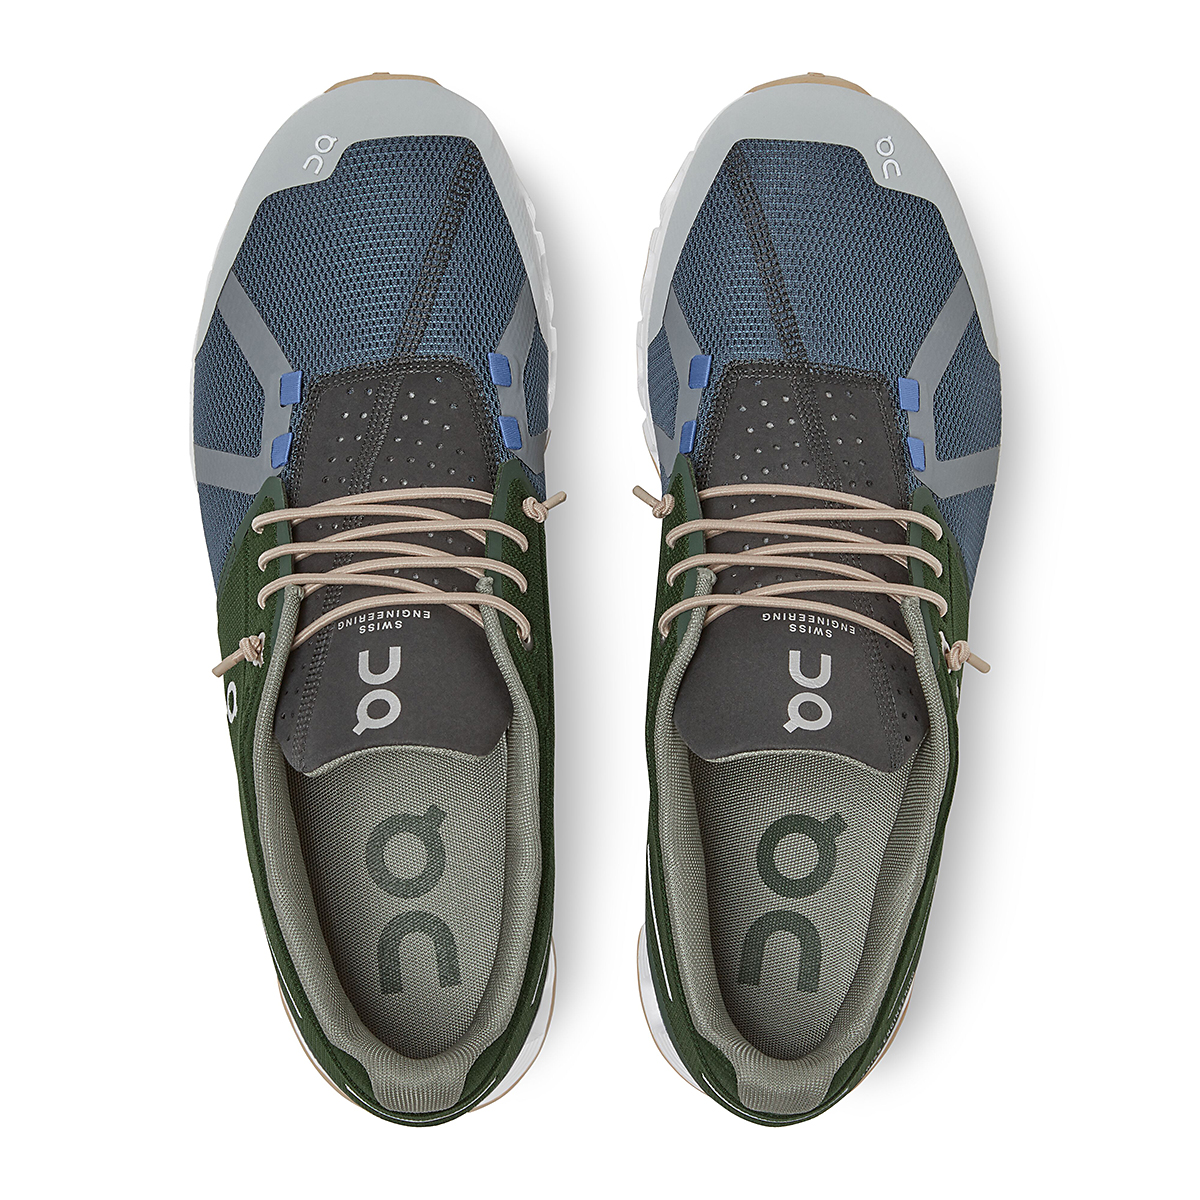 Men's On Cloud 70/30 Lifestyle Shoe - Color: Cactus/Storm - Size: 7 - Width: Regular, Cactus/Storm, large, image 3